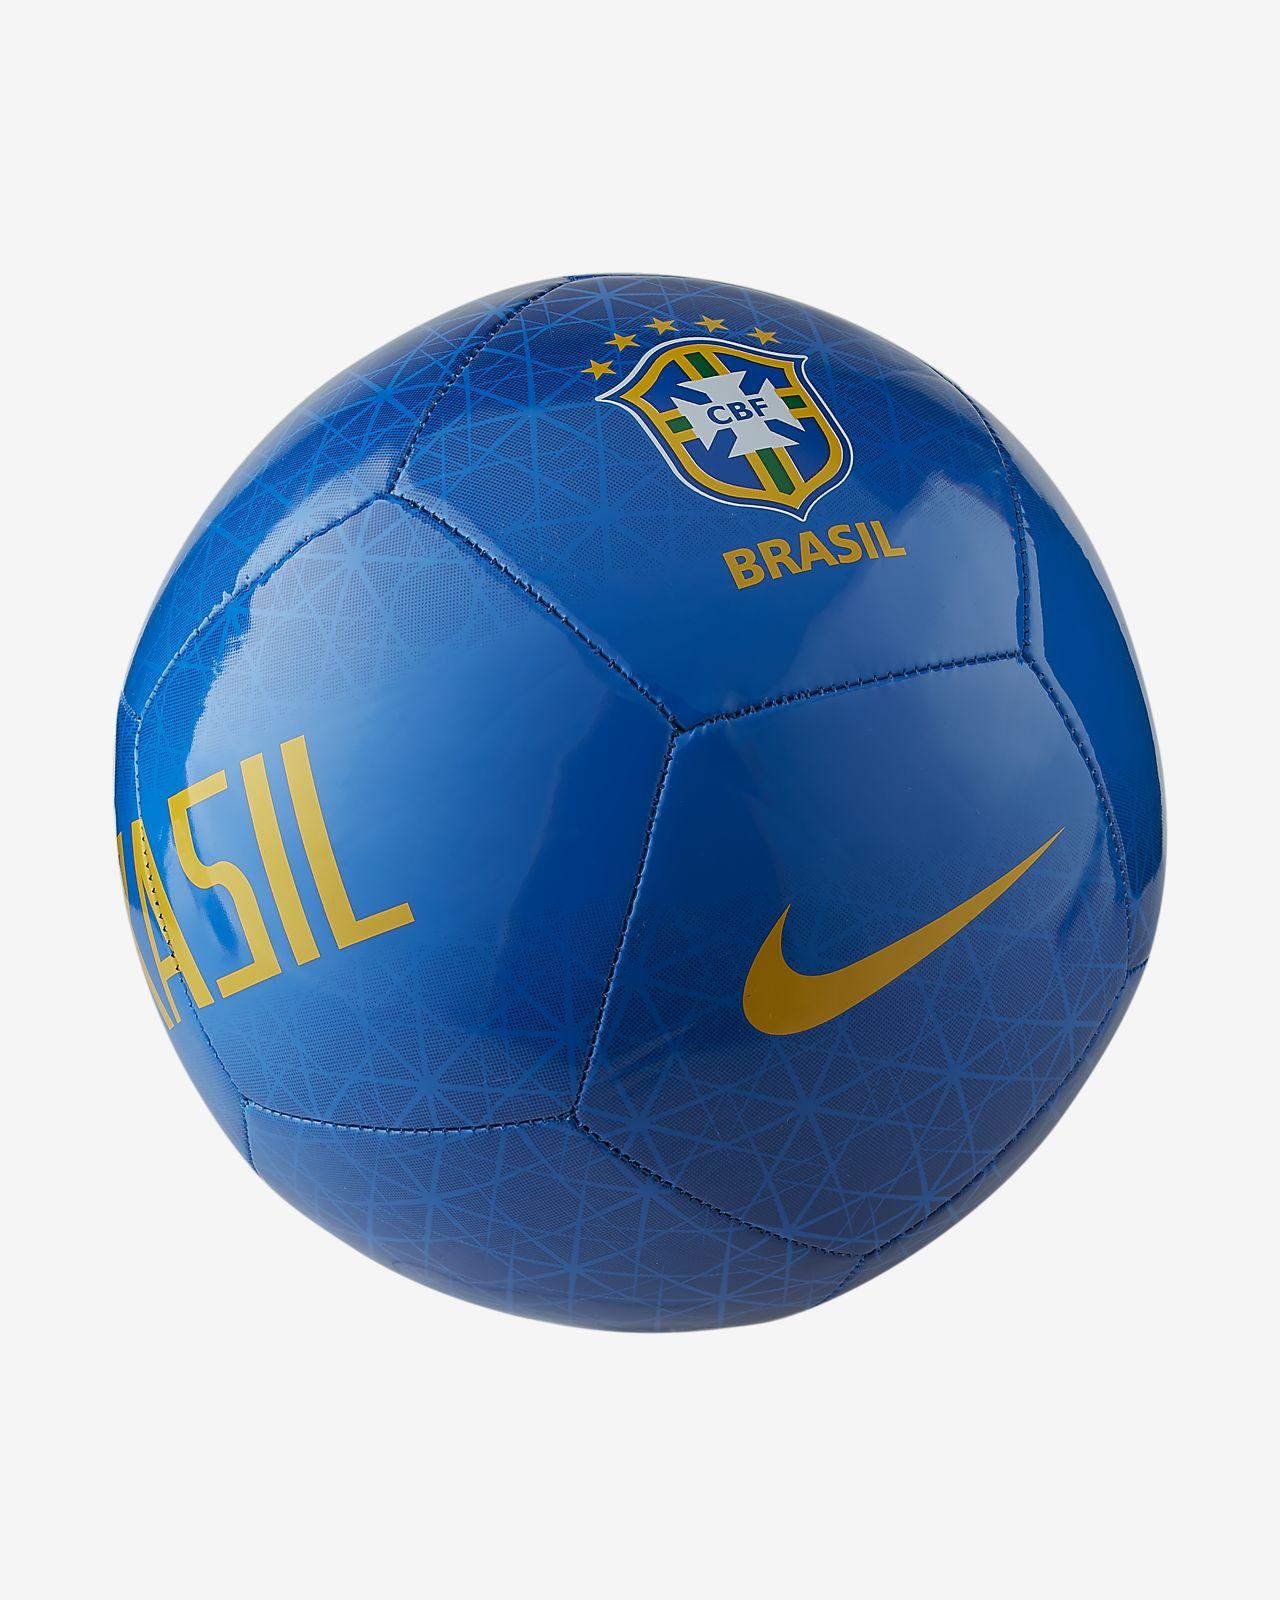 Balón de fútbol Brasil Pitch